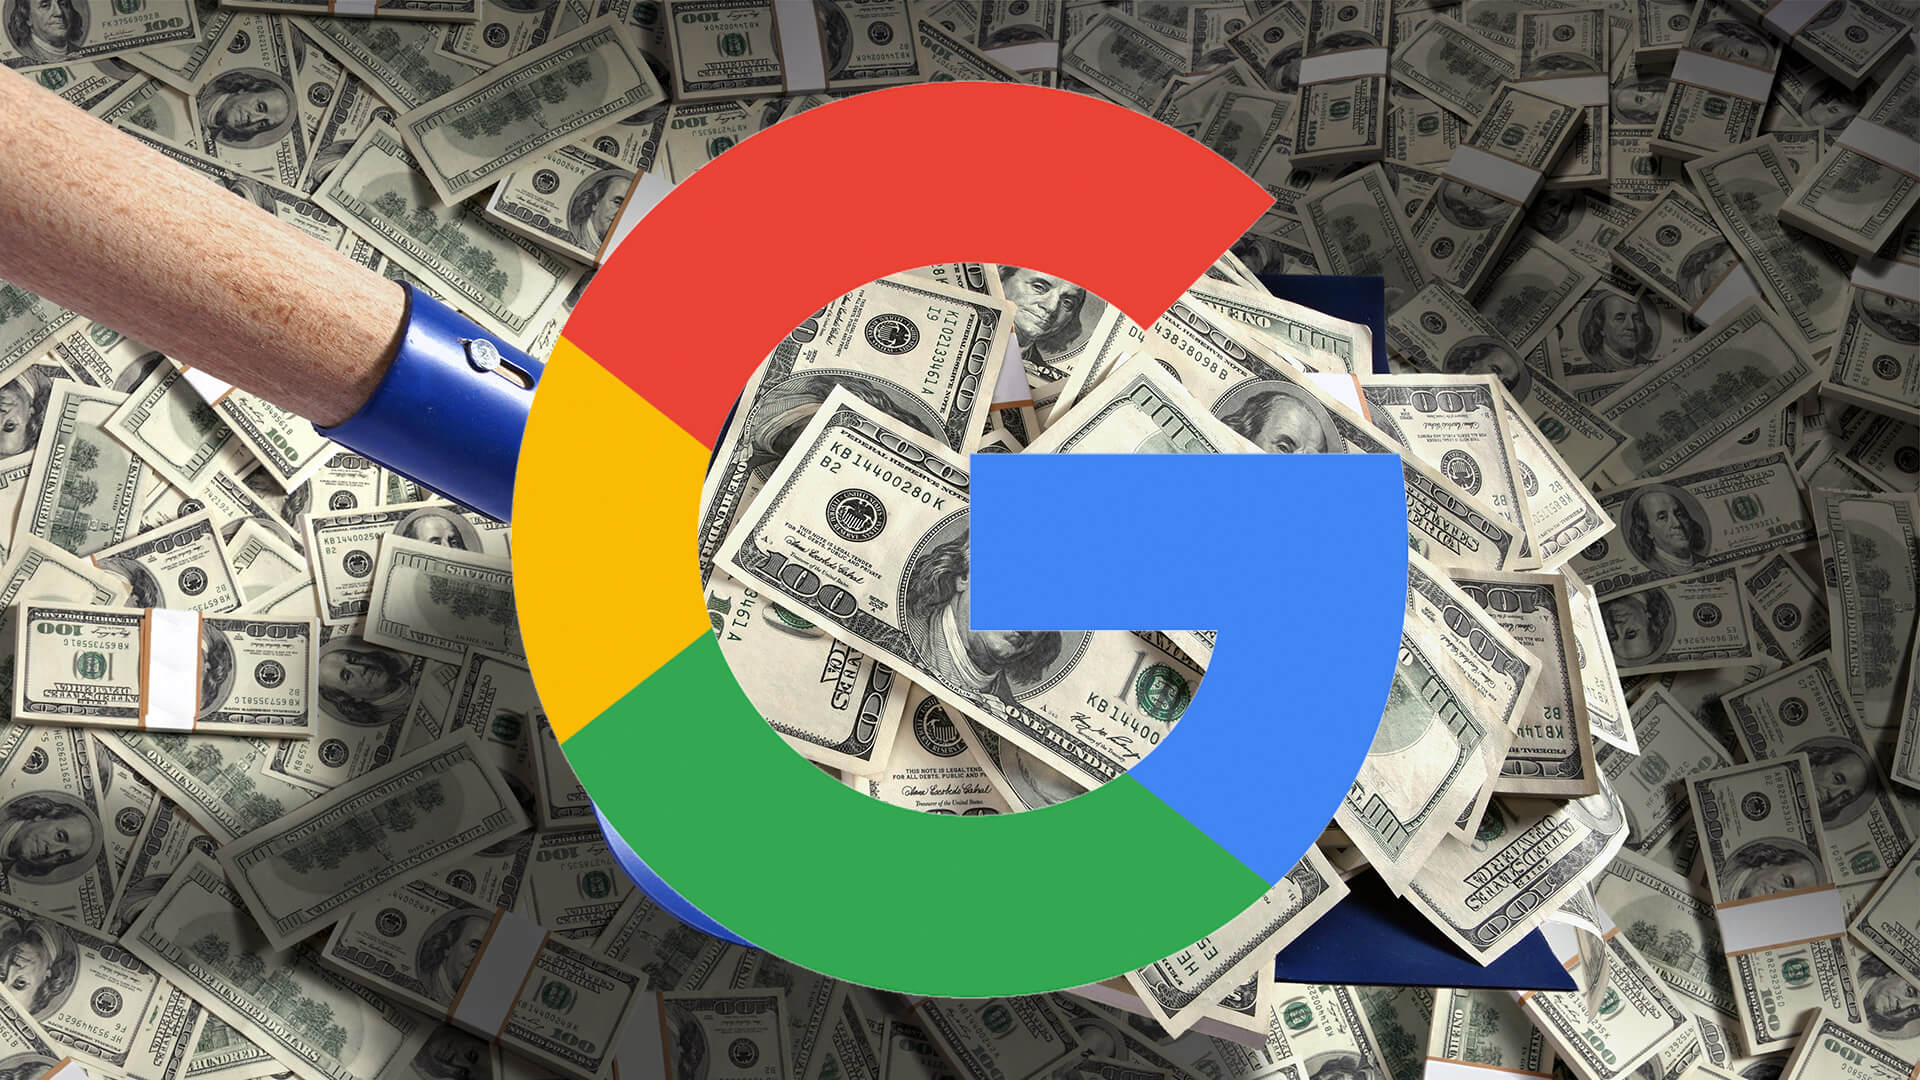 Исследователь получил $5000 за обнаружение бага в интранете Google